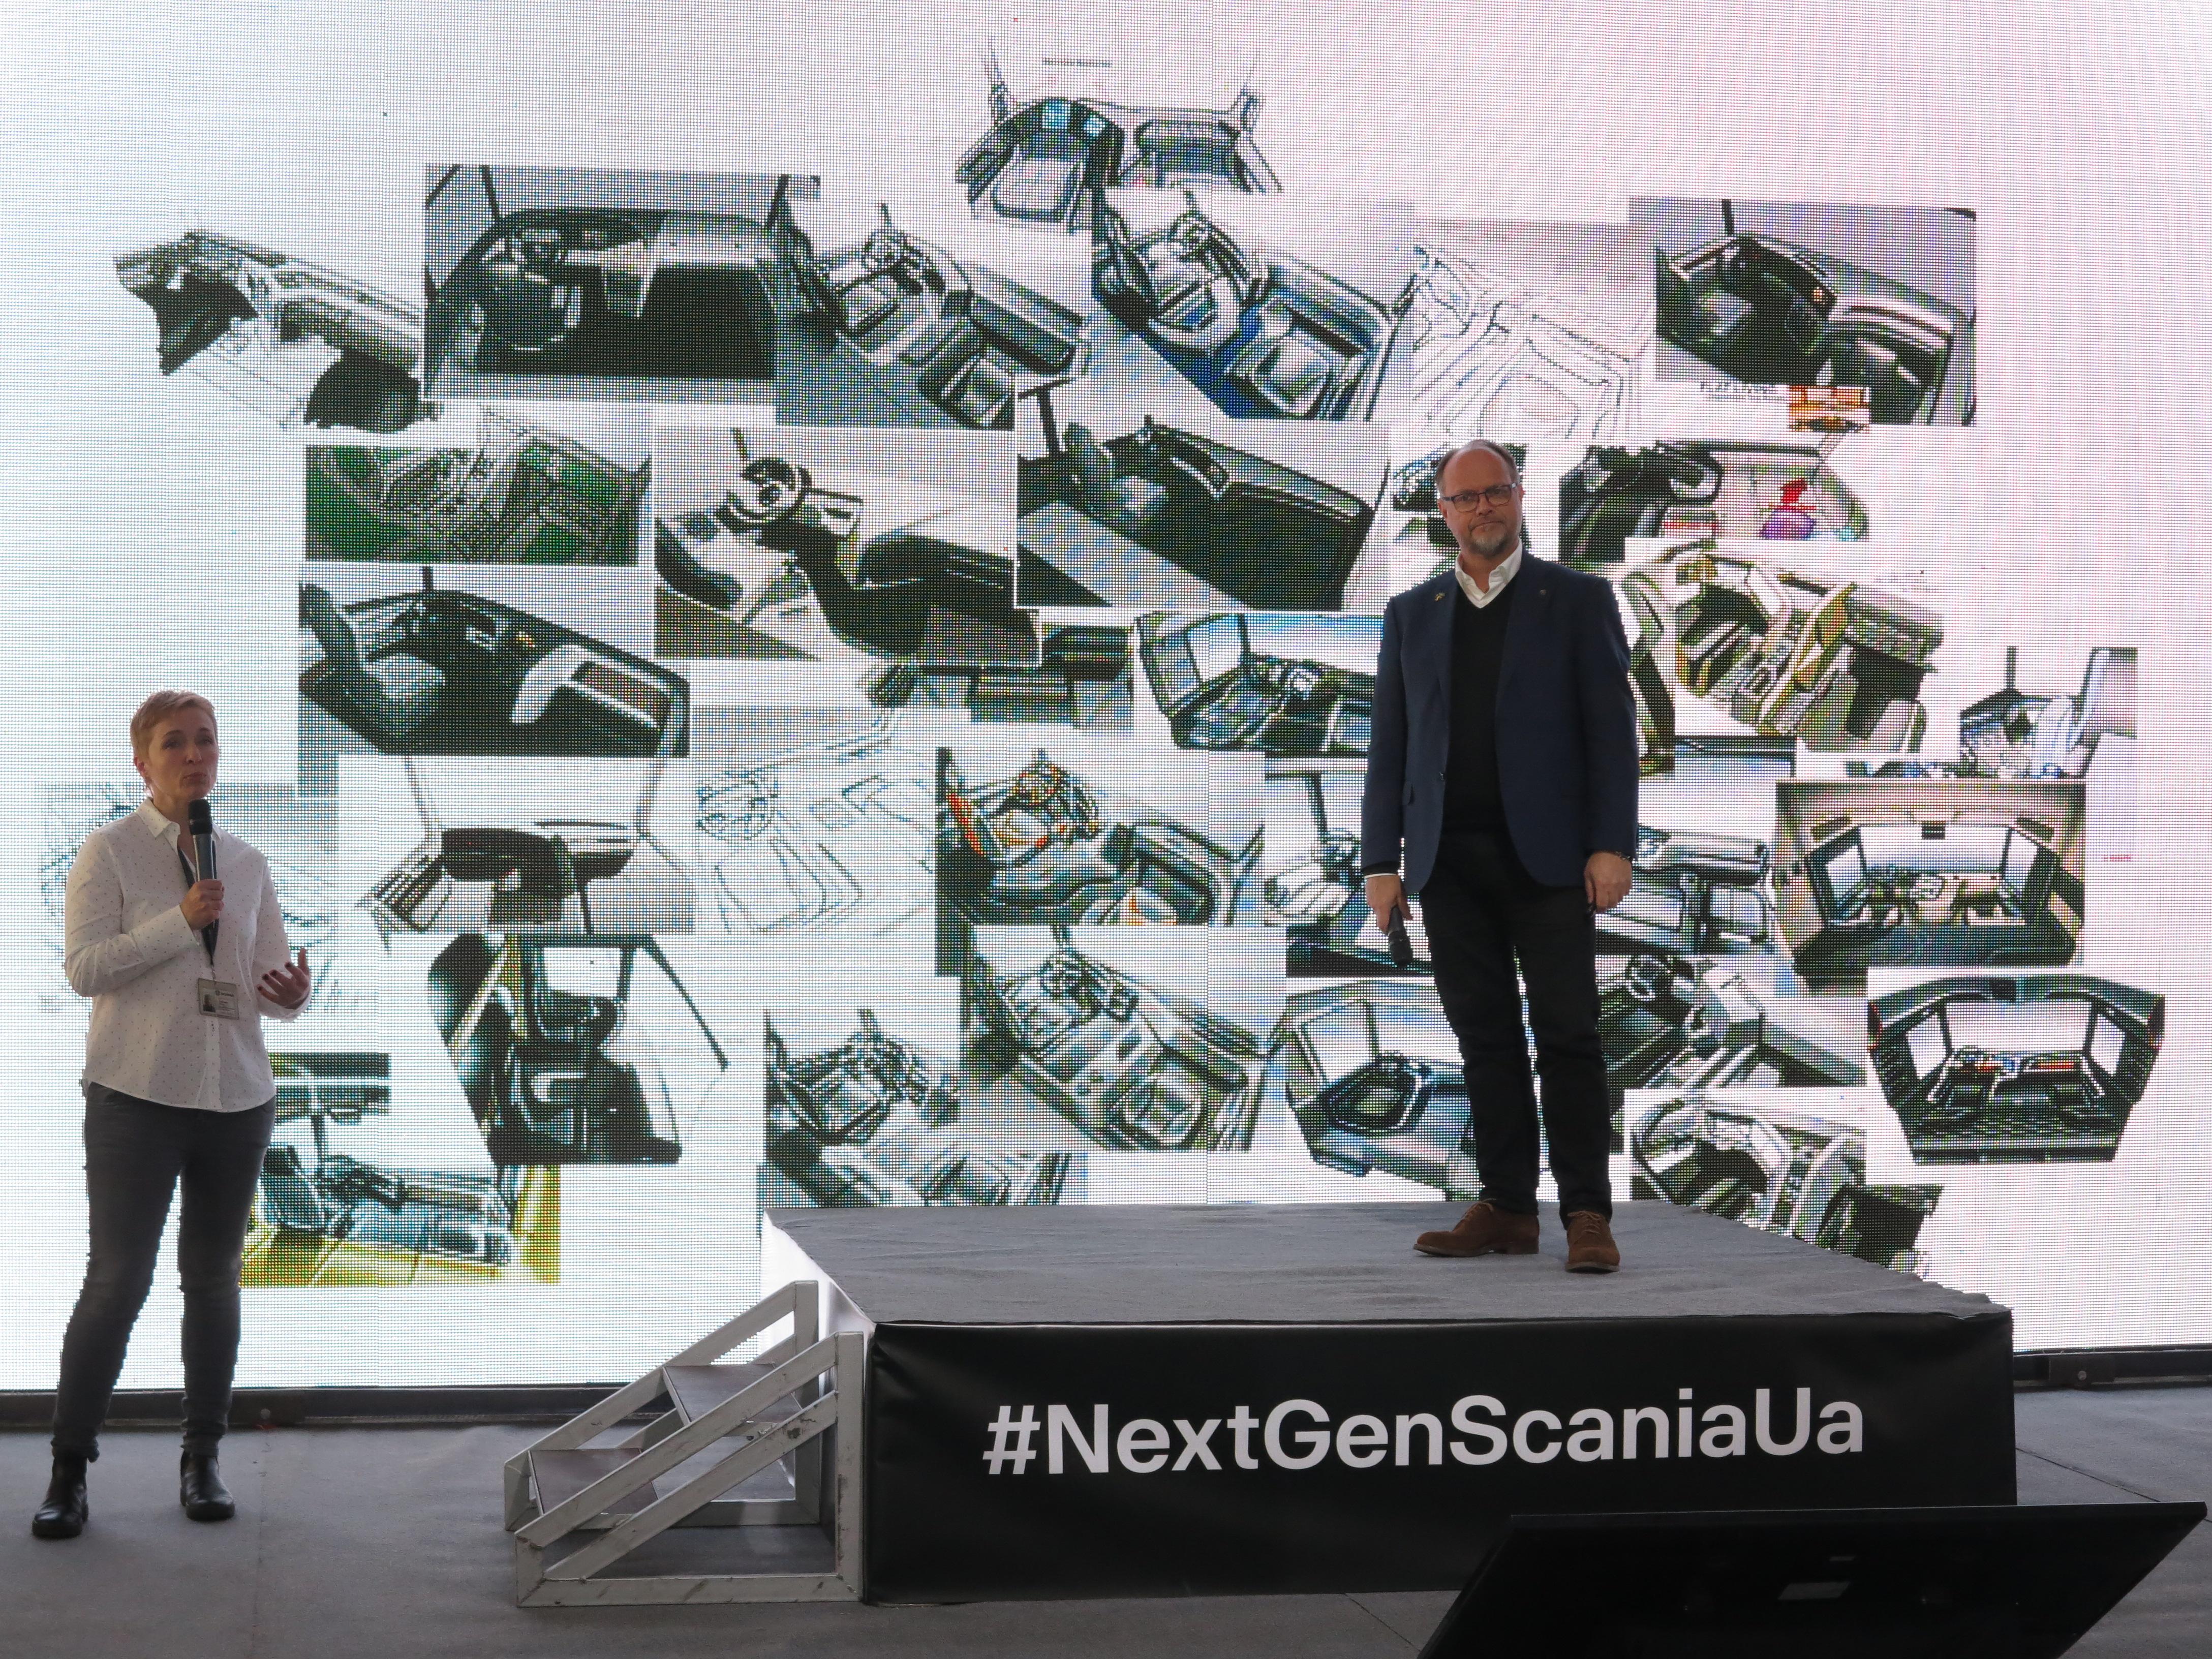 Кристофер Хансен, руководитель подразделения Стиль и Промышленный дизайн Scania